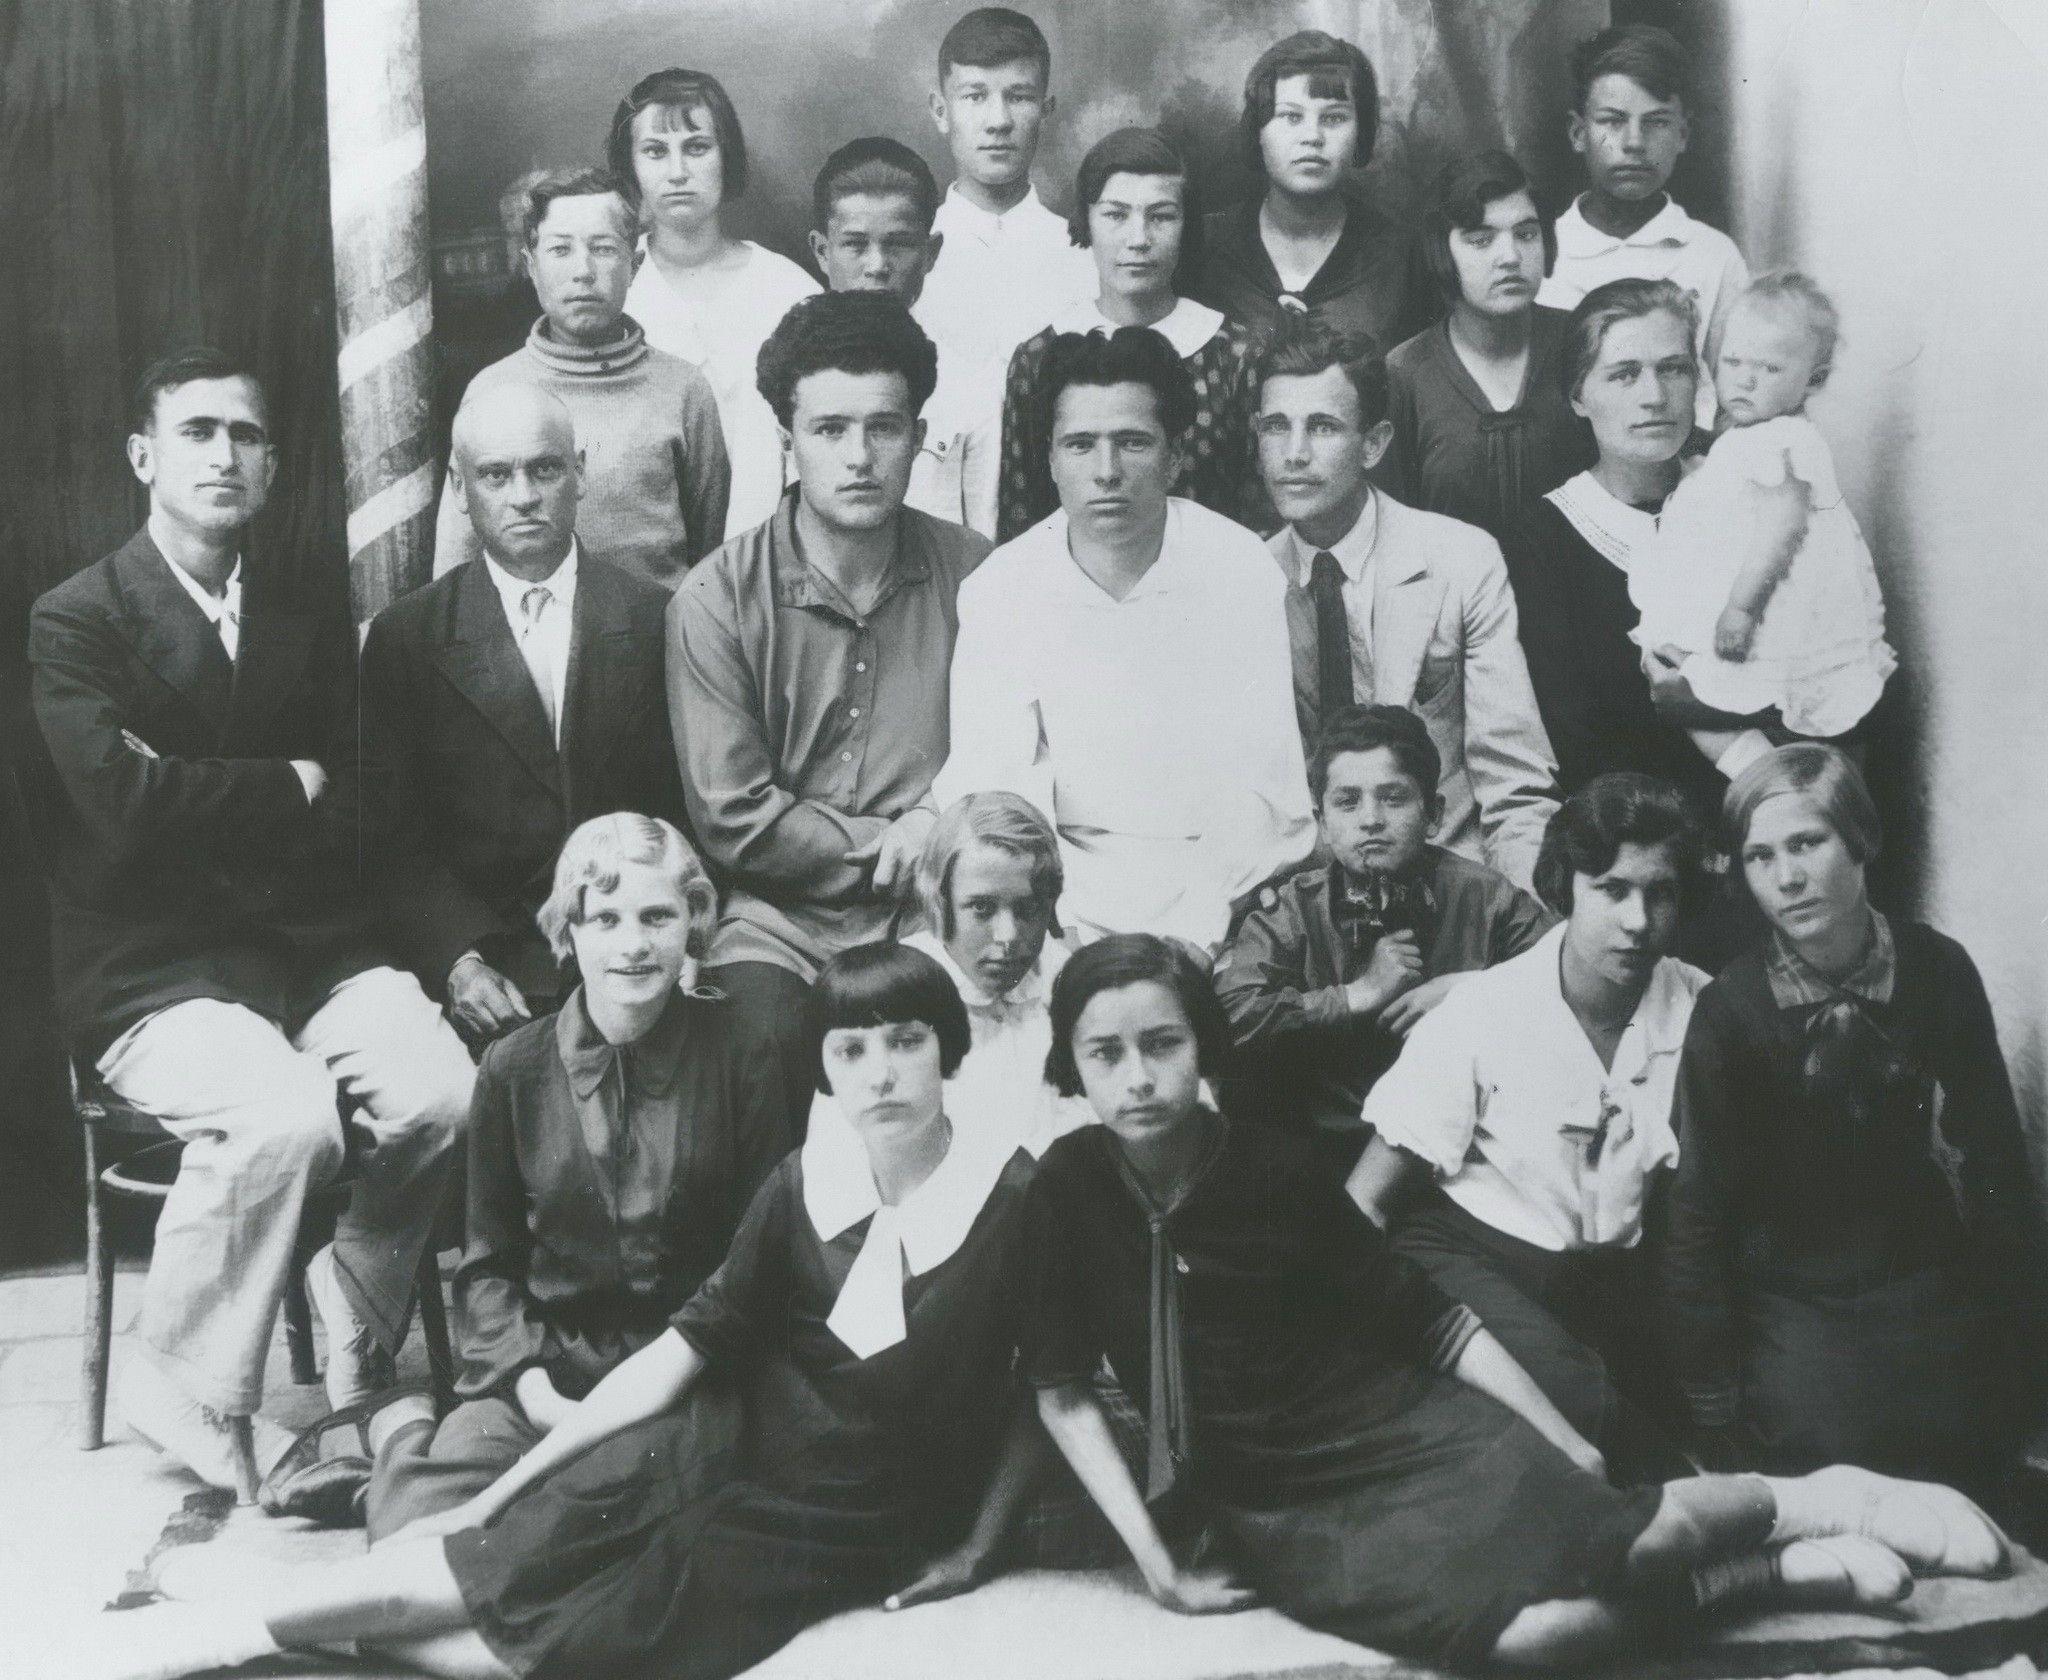 Ирма с маленькой Анечкой справа, снимок сделан в школе в Ургенче (17 сентября 1937 года), где работала Ирма Мартенс-Герман... «У меня был хороший голос, — вспоминает Ирма в одном интервью, — но мне было далеко до него». Но этому голосу суждено было воскреснуть в дочери Ойгена и Ирмы — Анне, которая пронесла его далеко за пределы своих обеих родин.